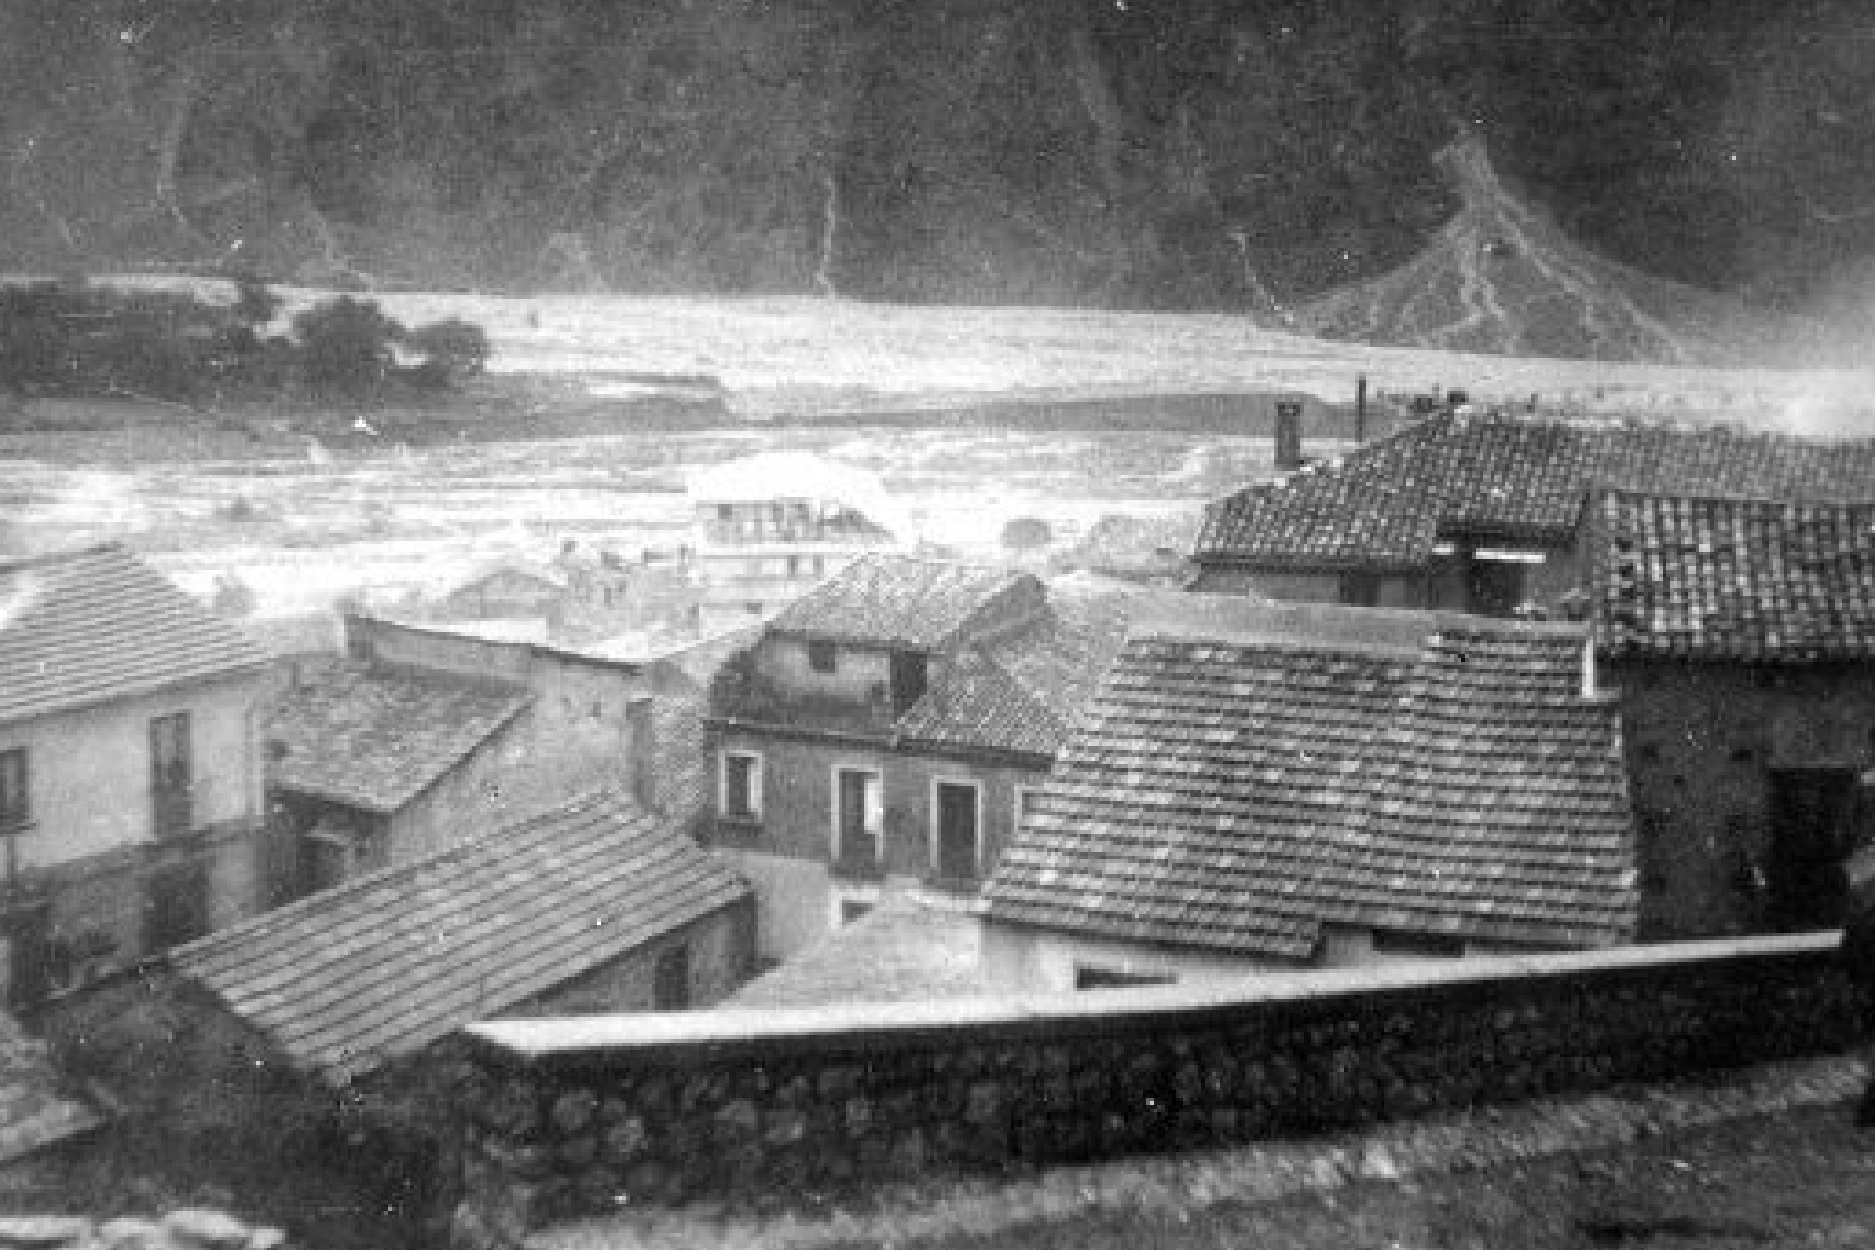 21/10/1953 - Provincia di Reggio Calabria - 101 MORTI